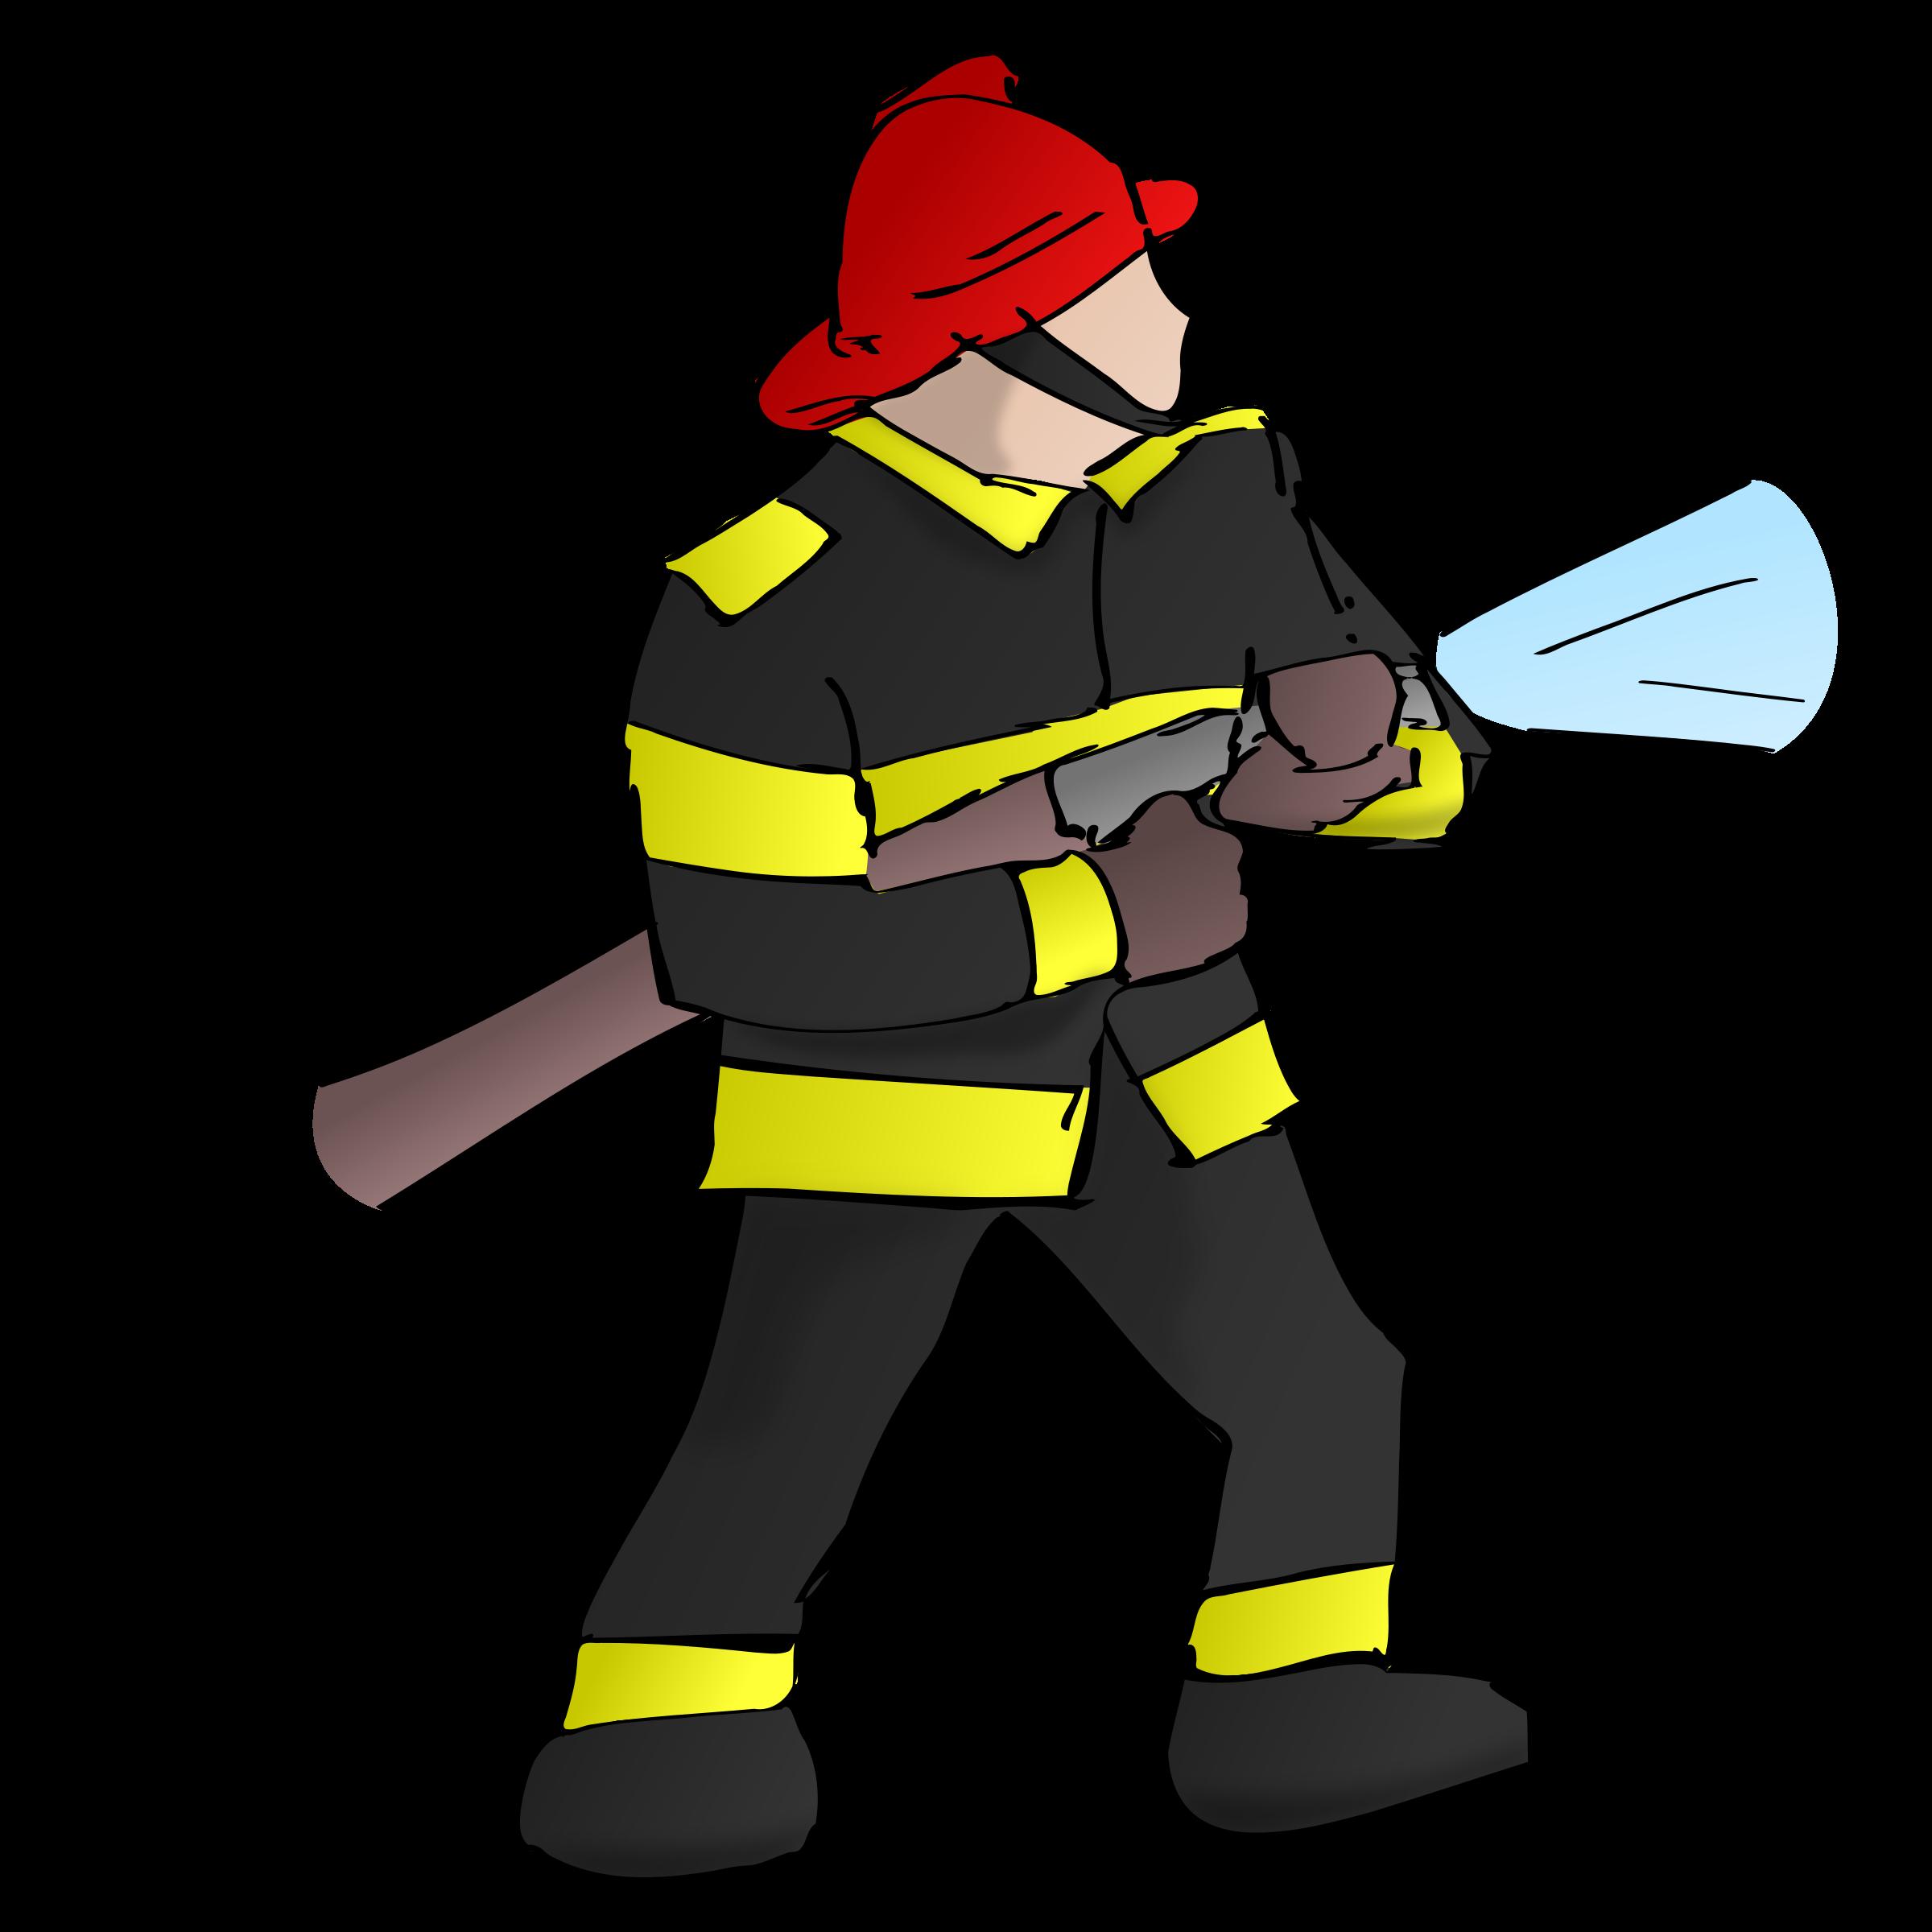 2400x2400 Firefighter Clipart Transparent